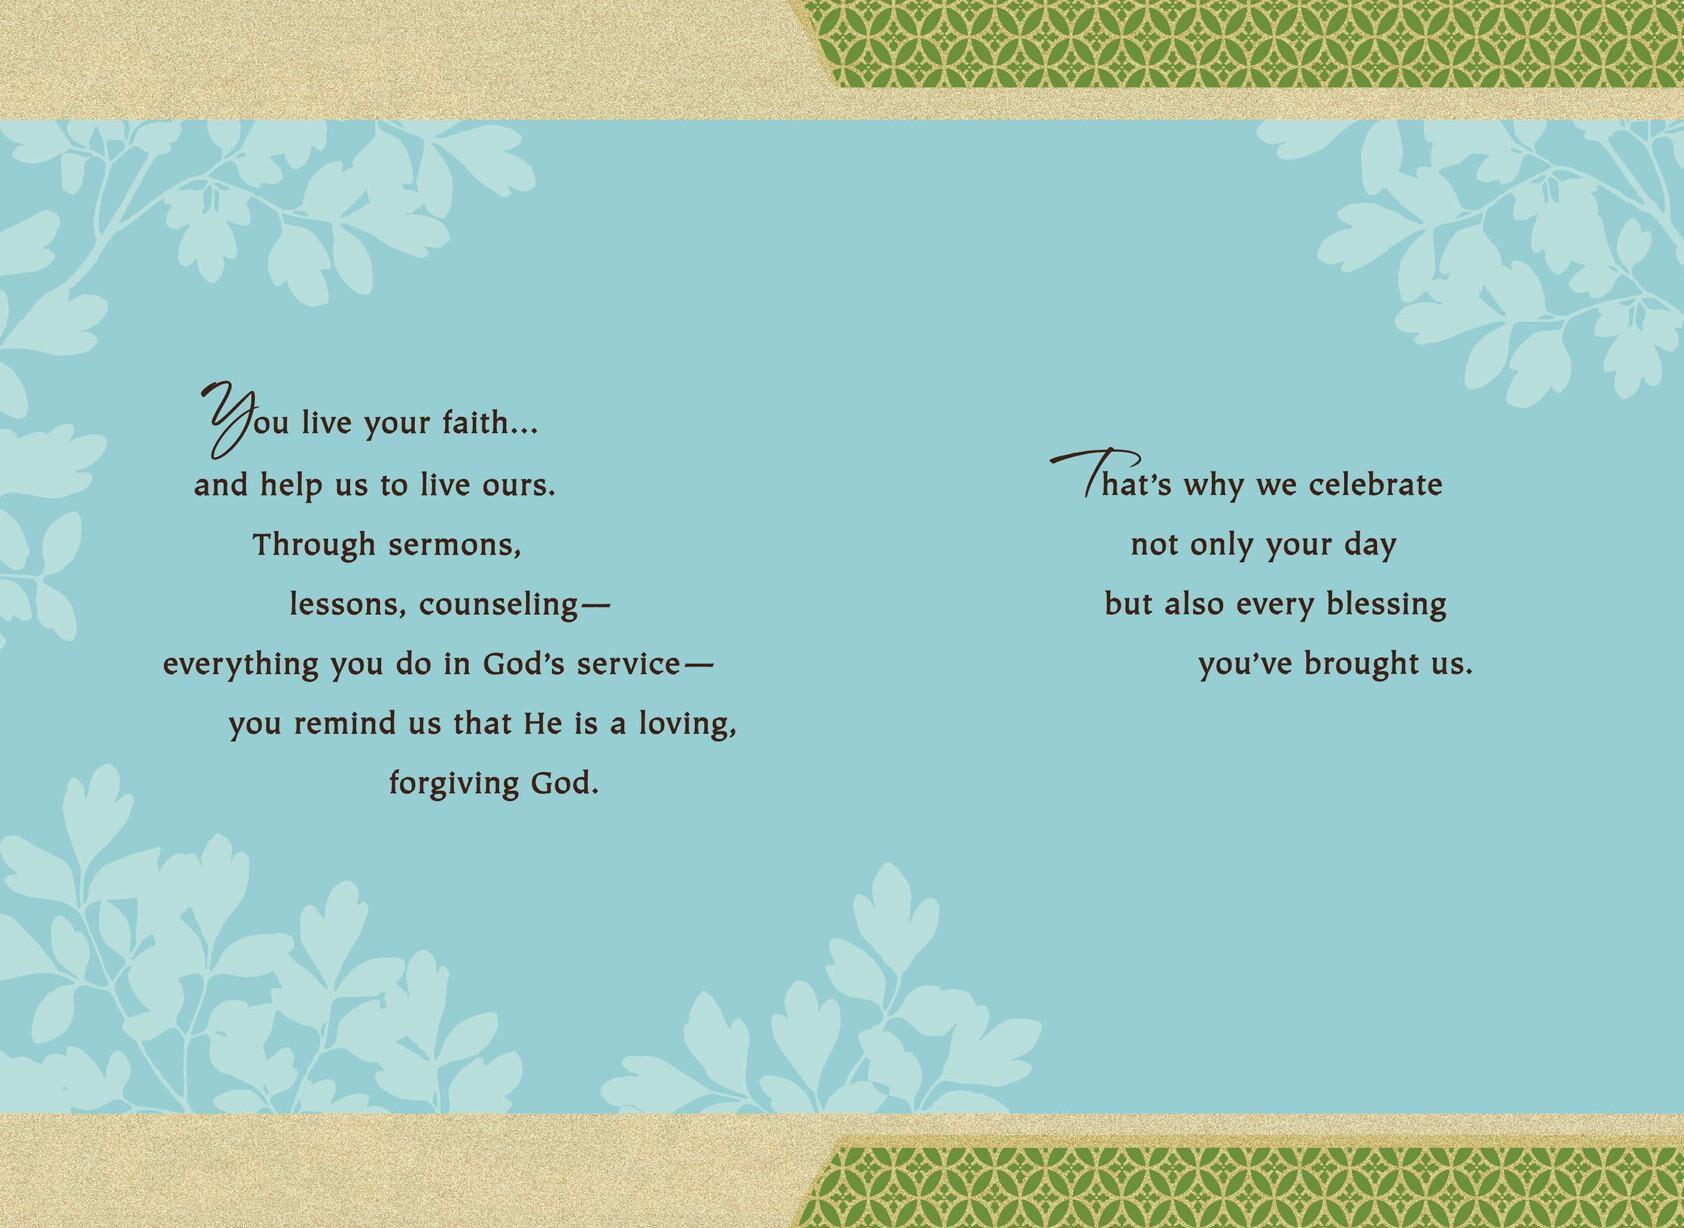 photo regarding Pastor Appreciation Cards Free Printable known as Clergy Pastor Appreciation Hallmark